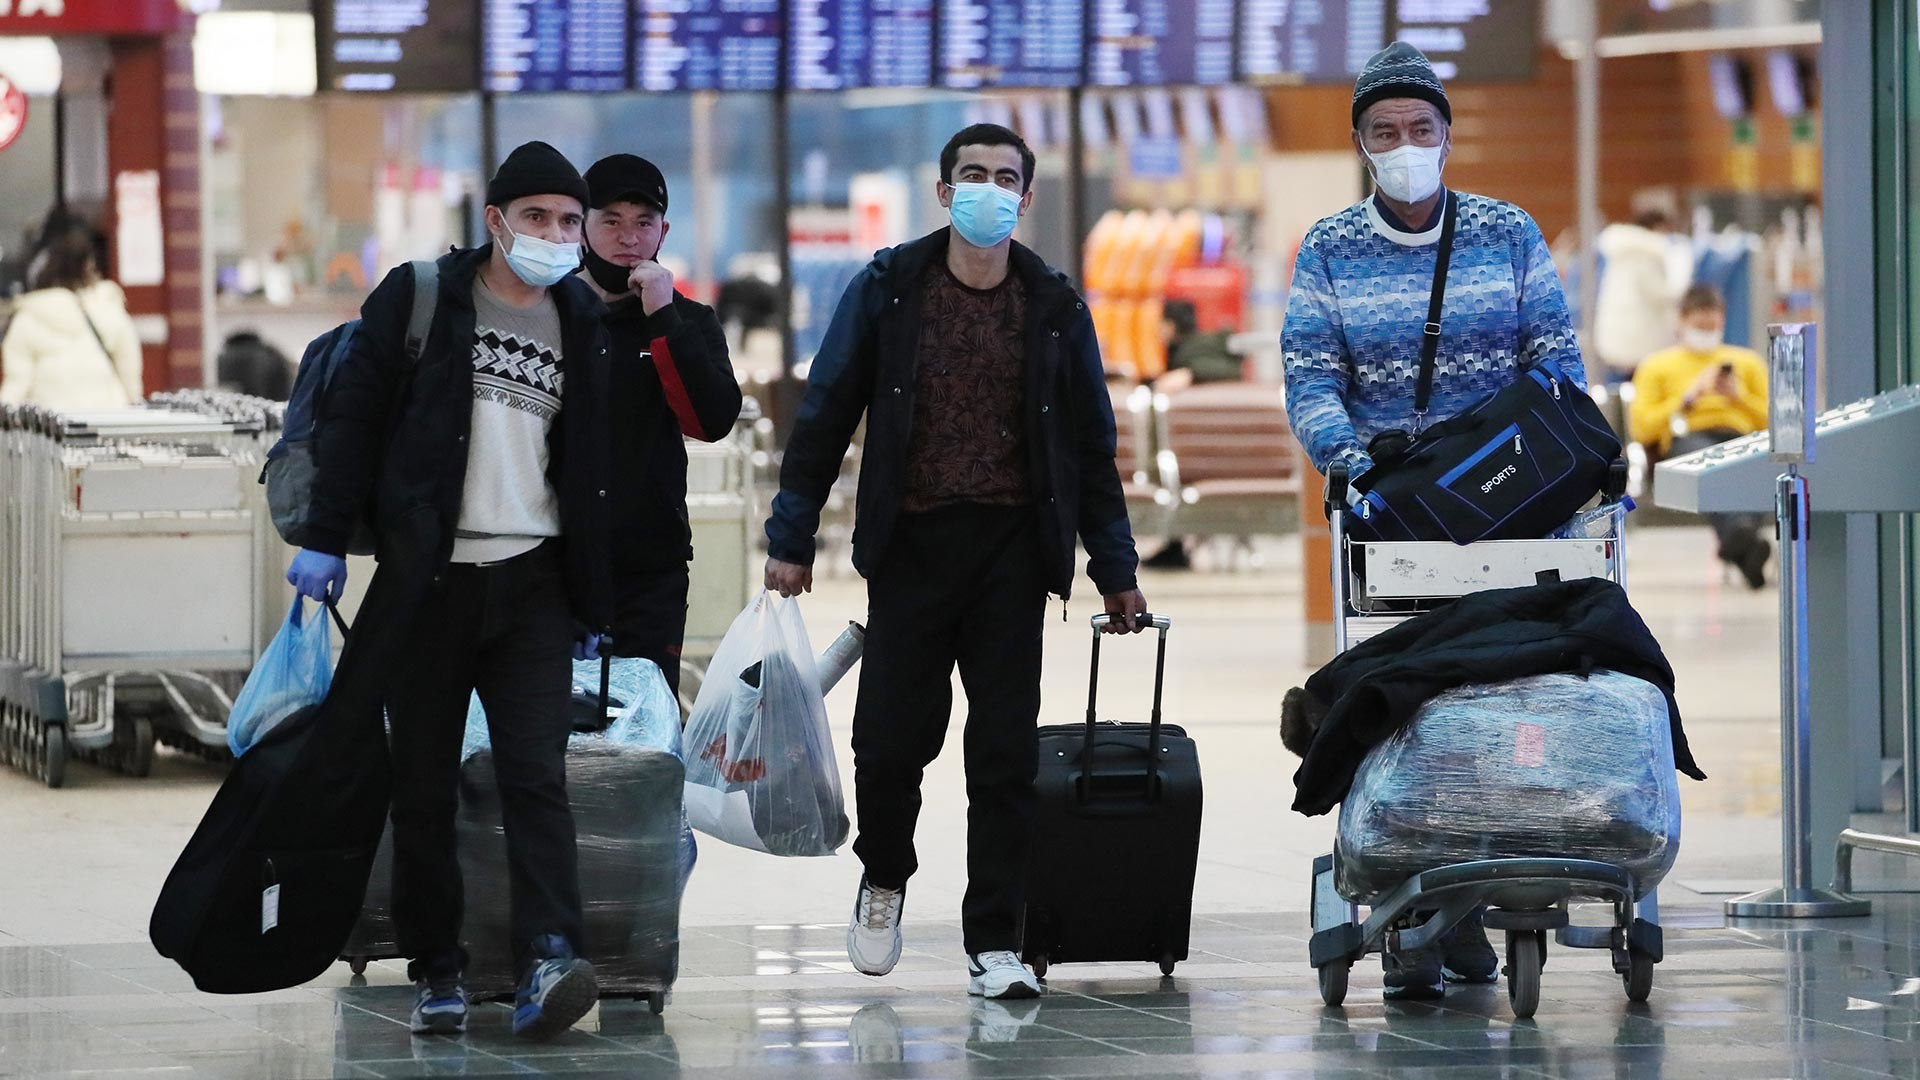 Passagers de l'aéroport de Cheremetievo, à Moscou